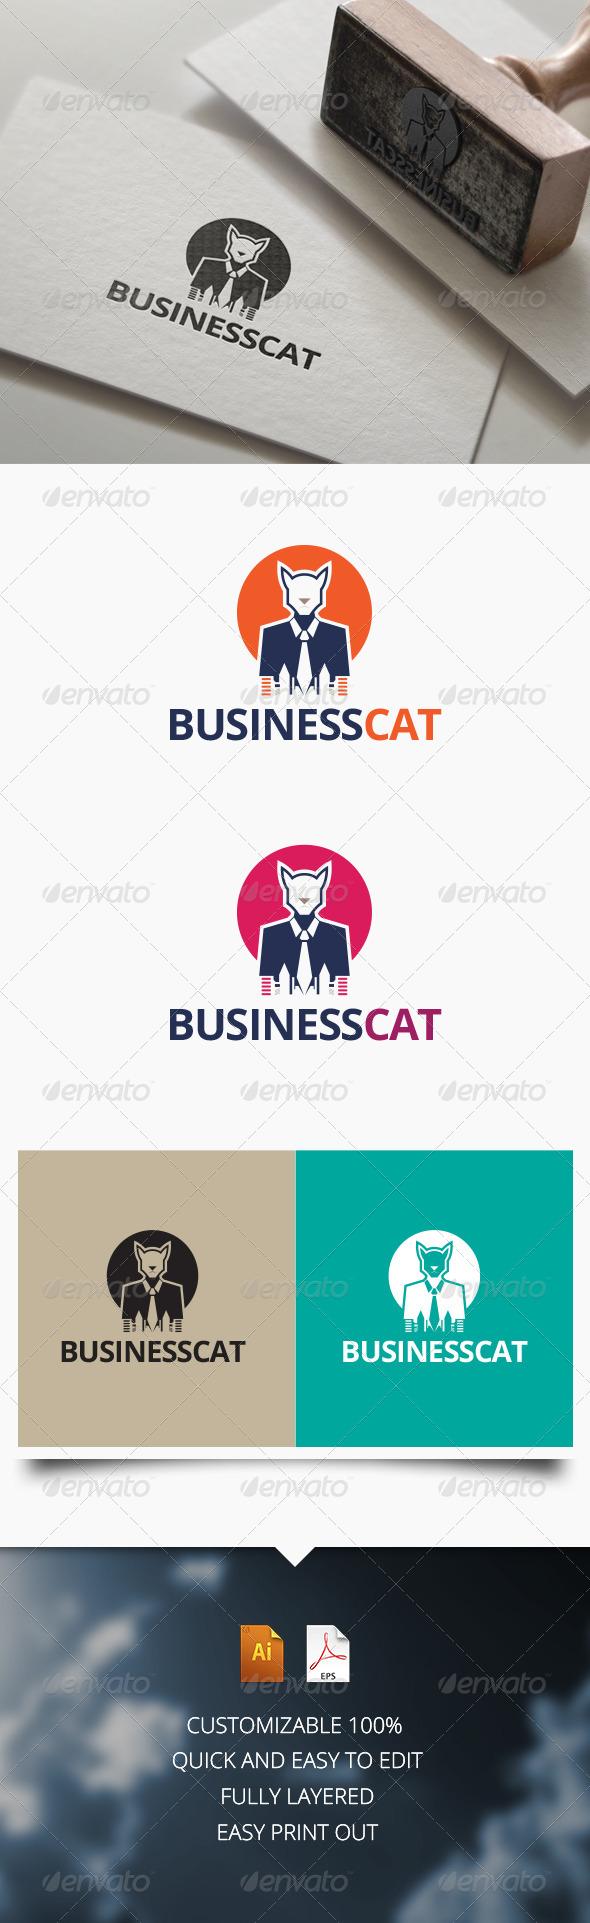 GraphicRiver Business Cat Logo 7514340